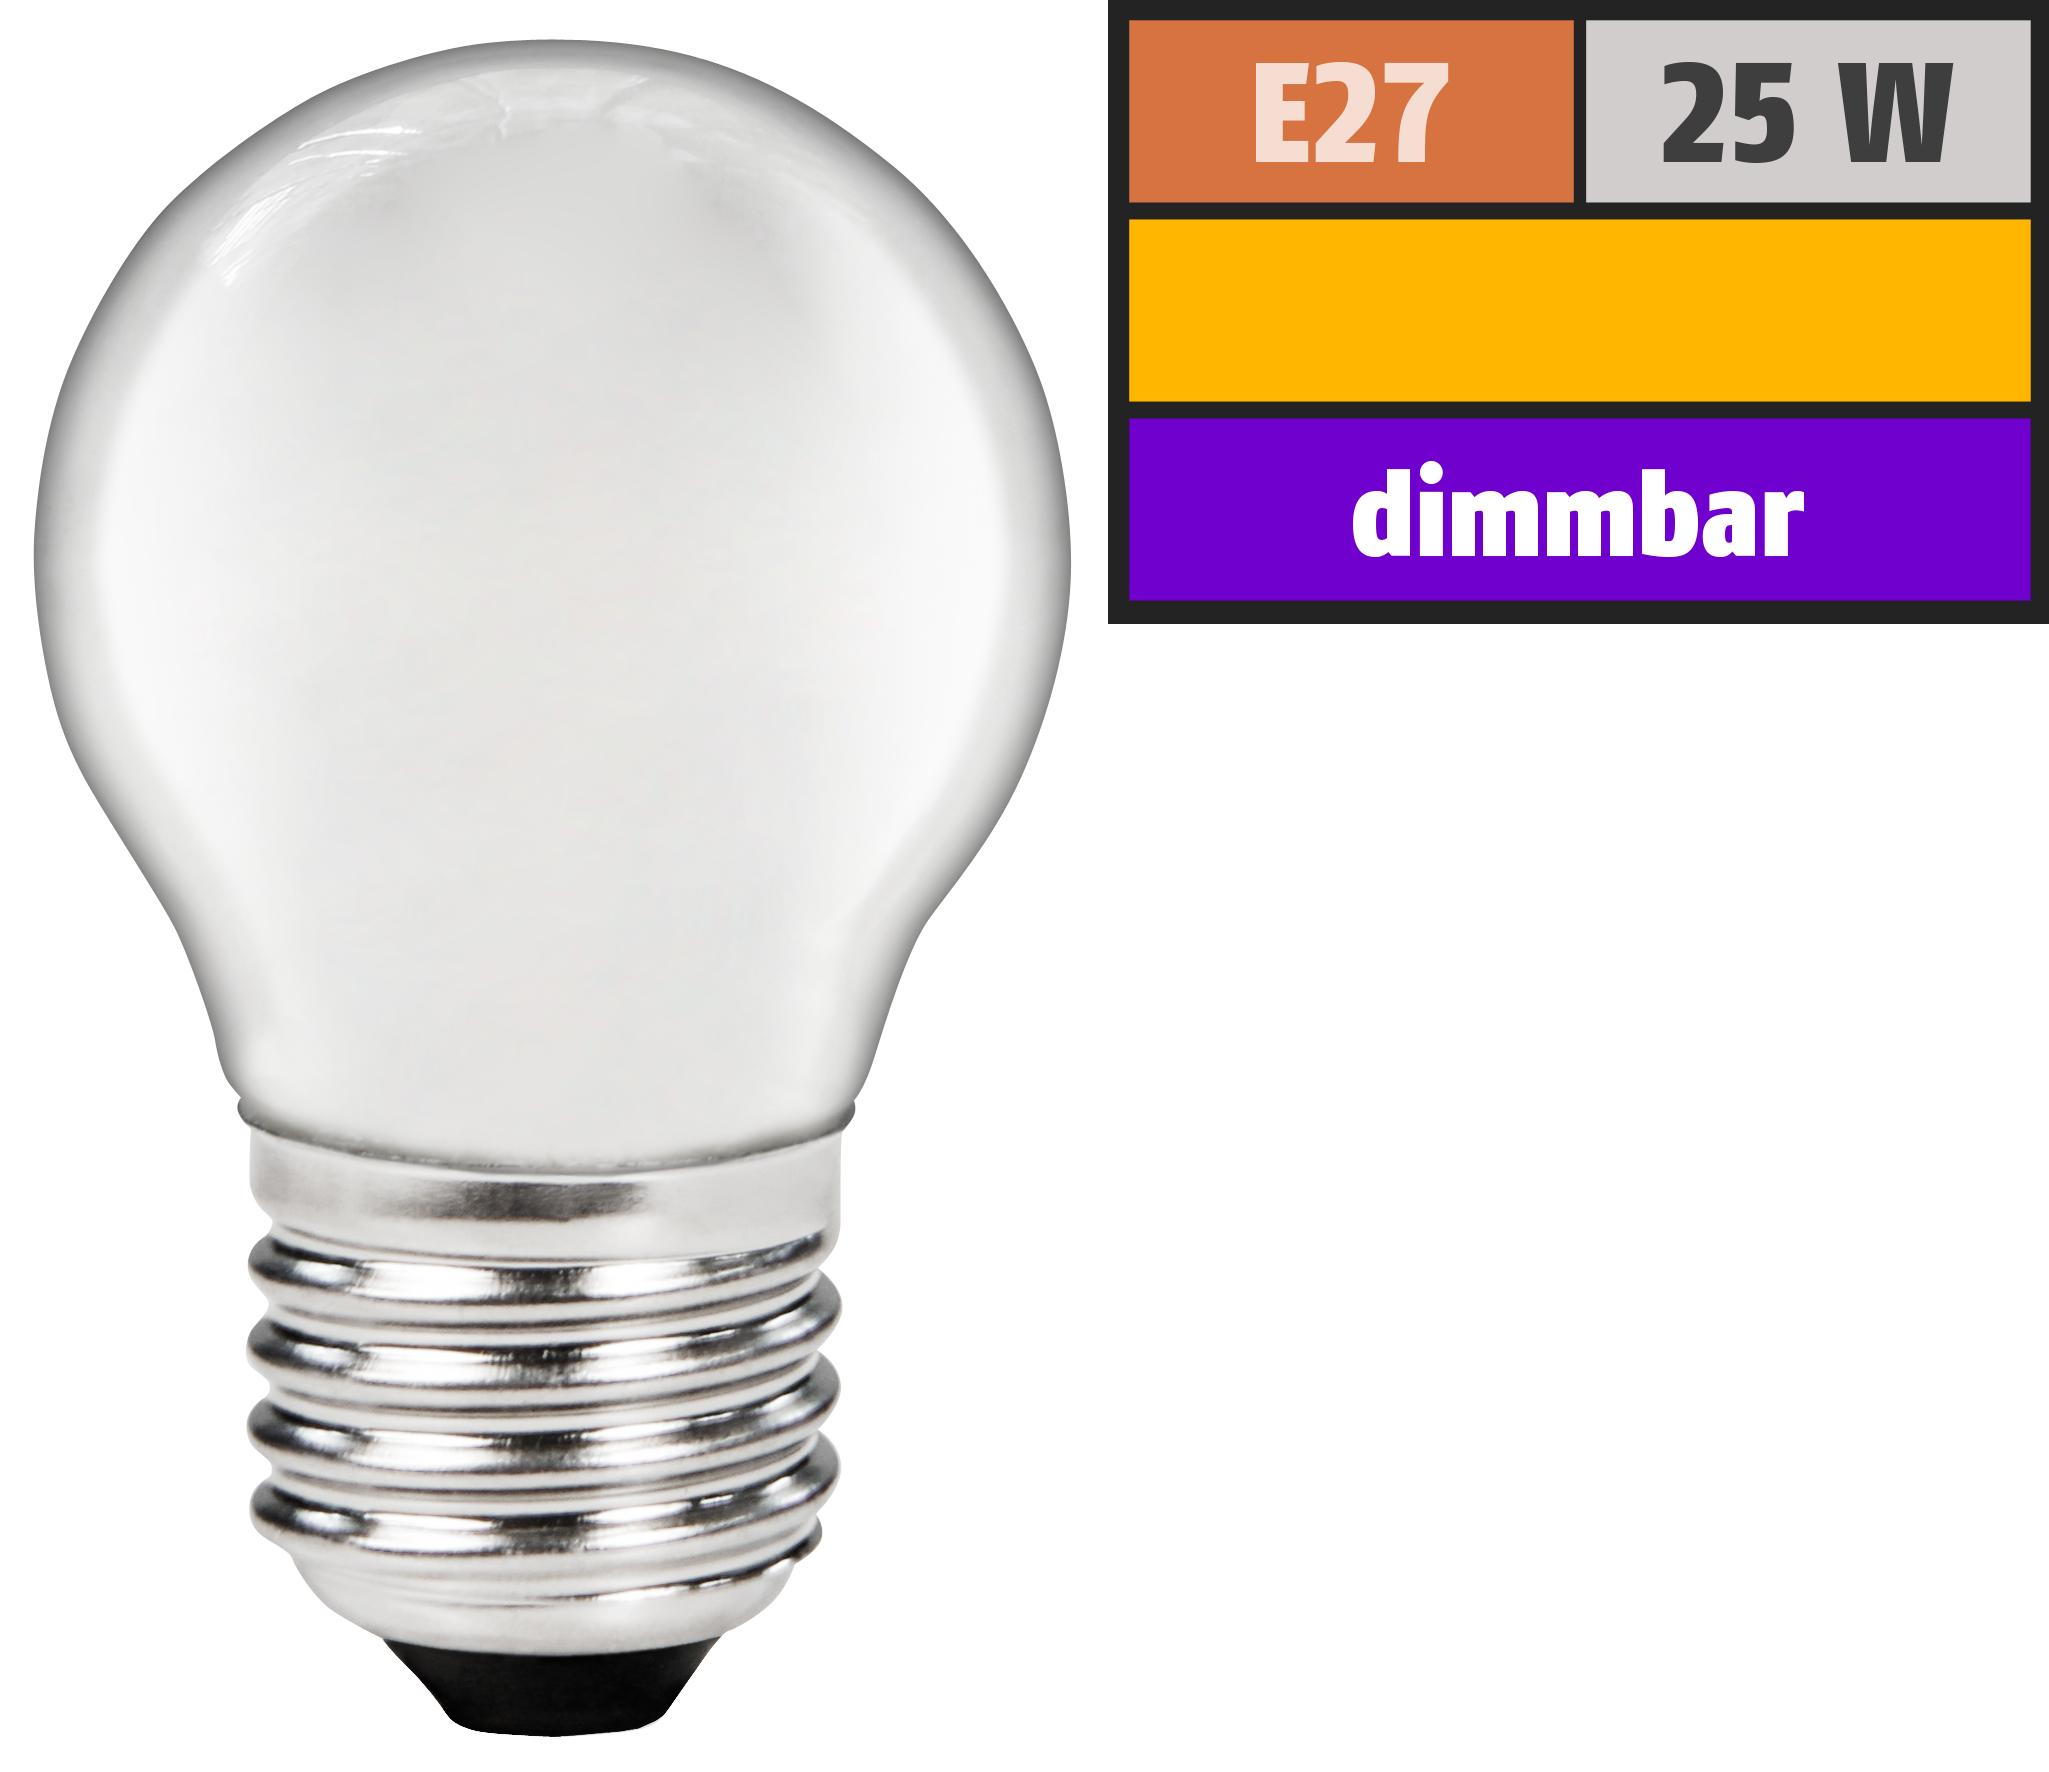 Tropfenlampe Philips, E27, 230V, 25W, matt